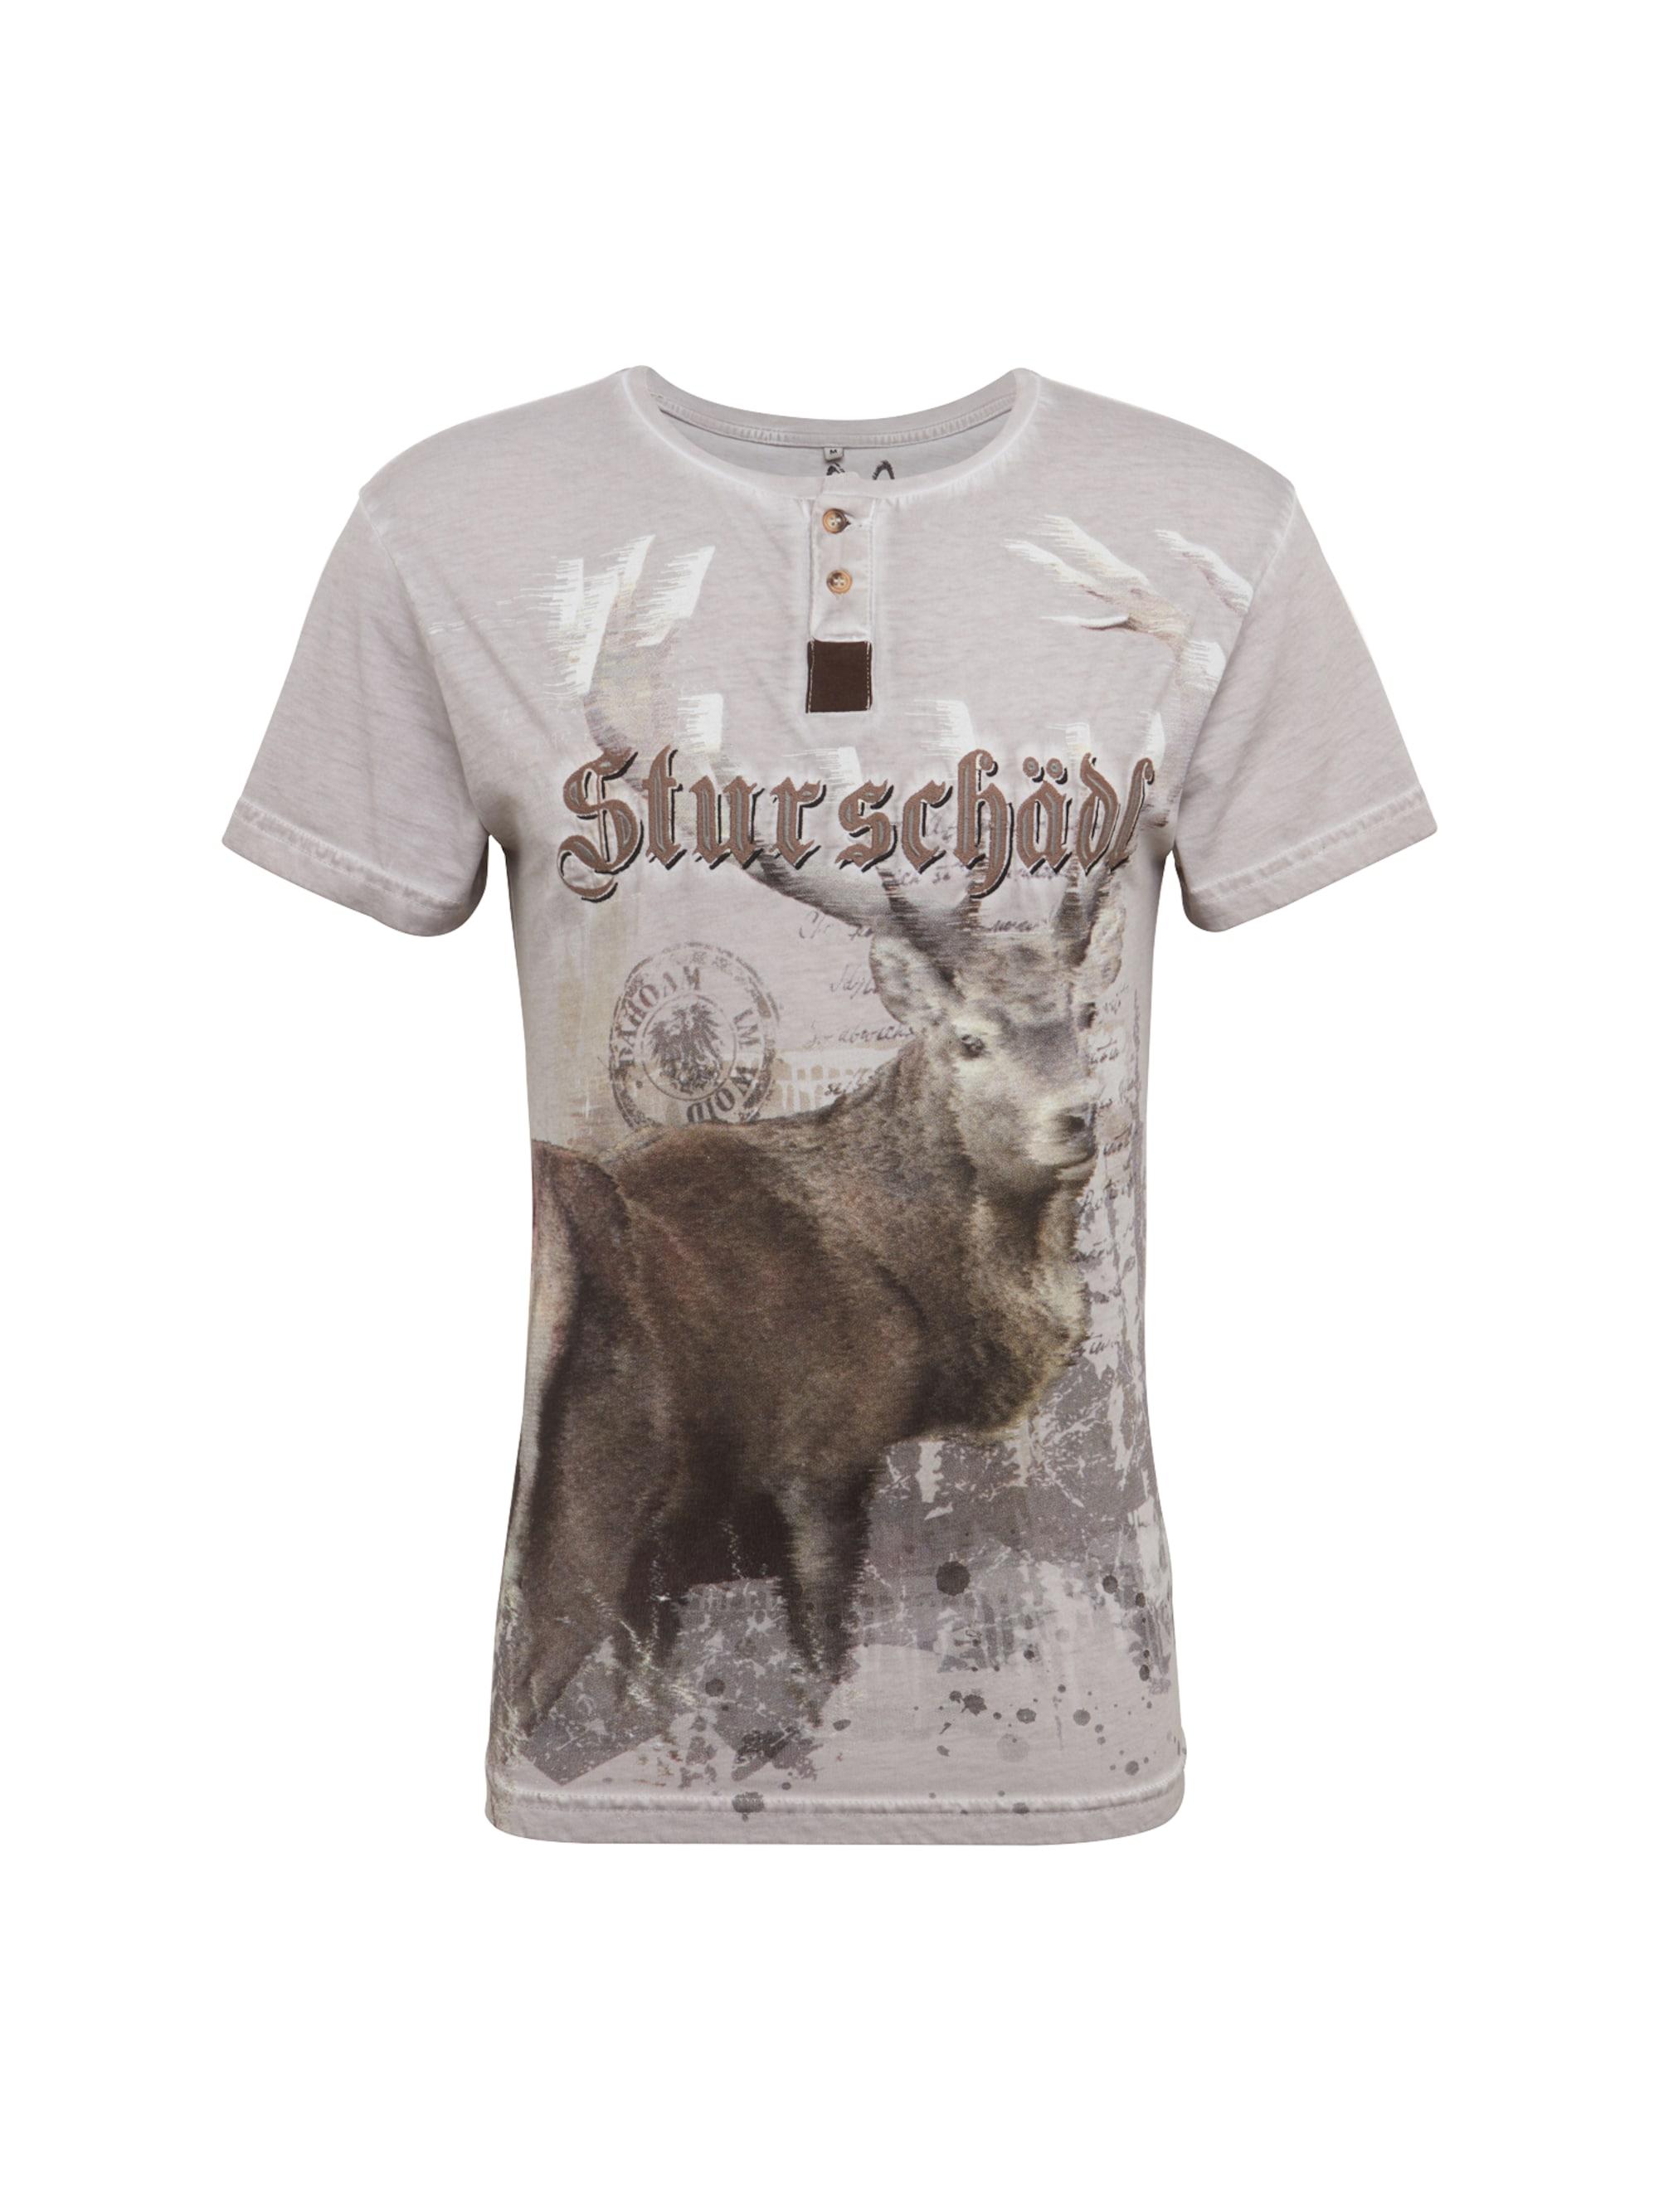 marjo - T-Shirt ´Sturschädl Shirt´